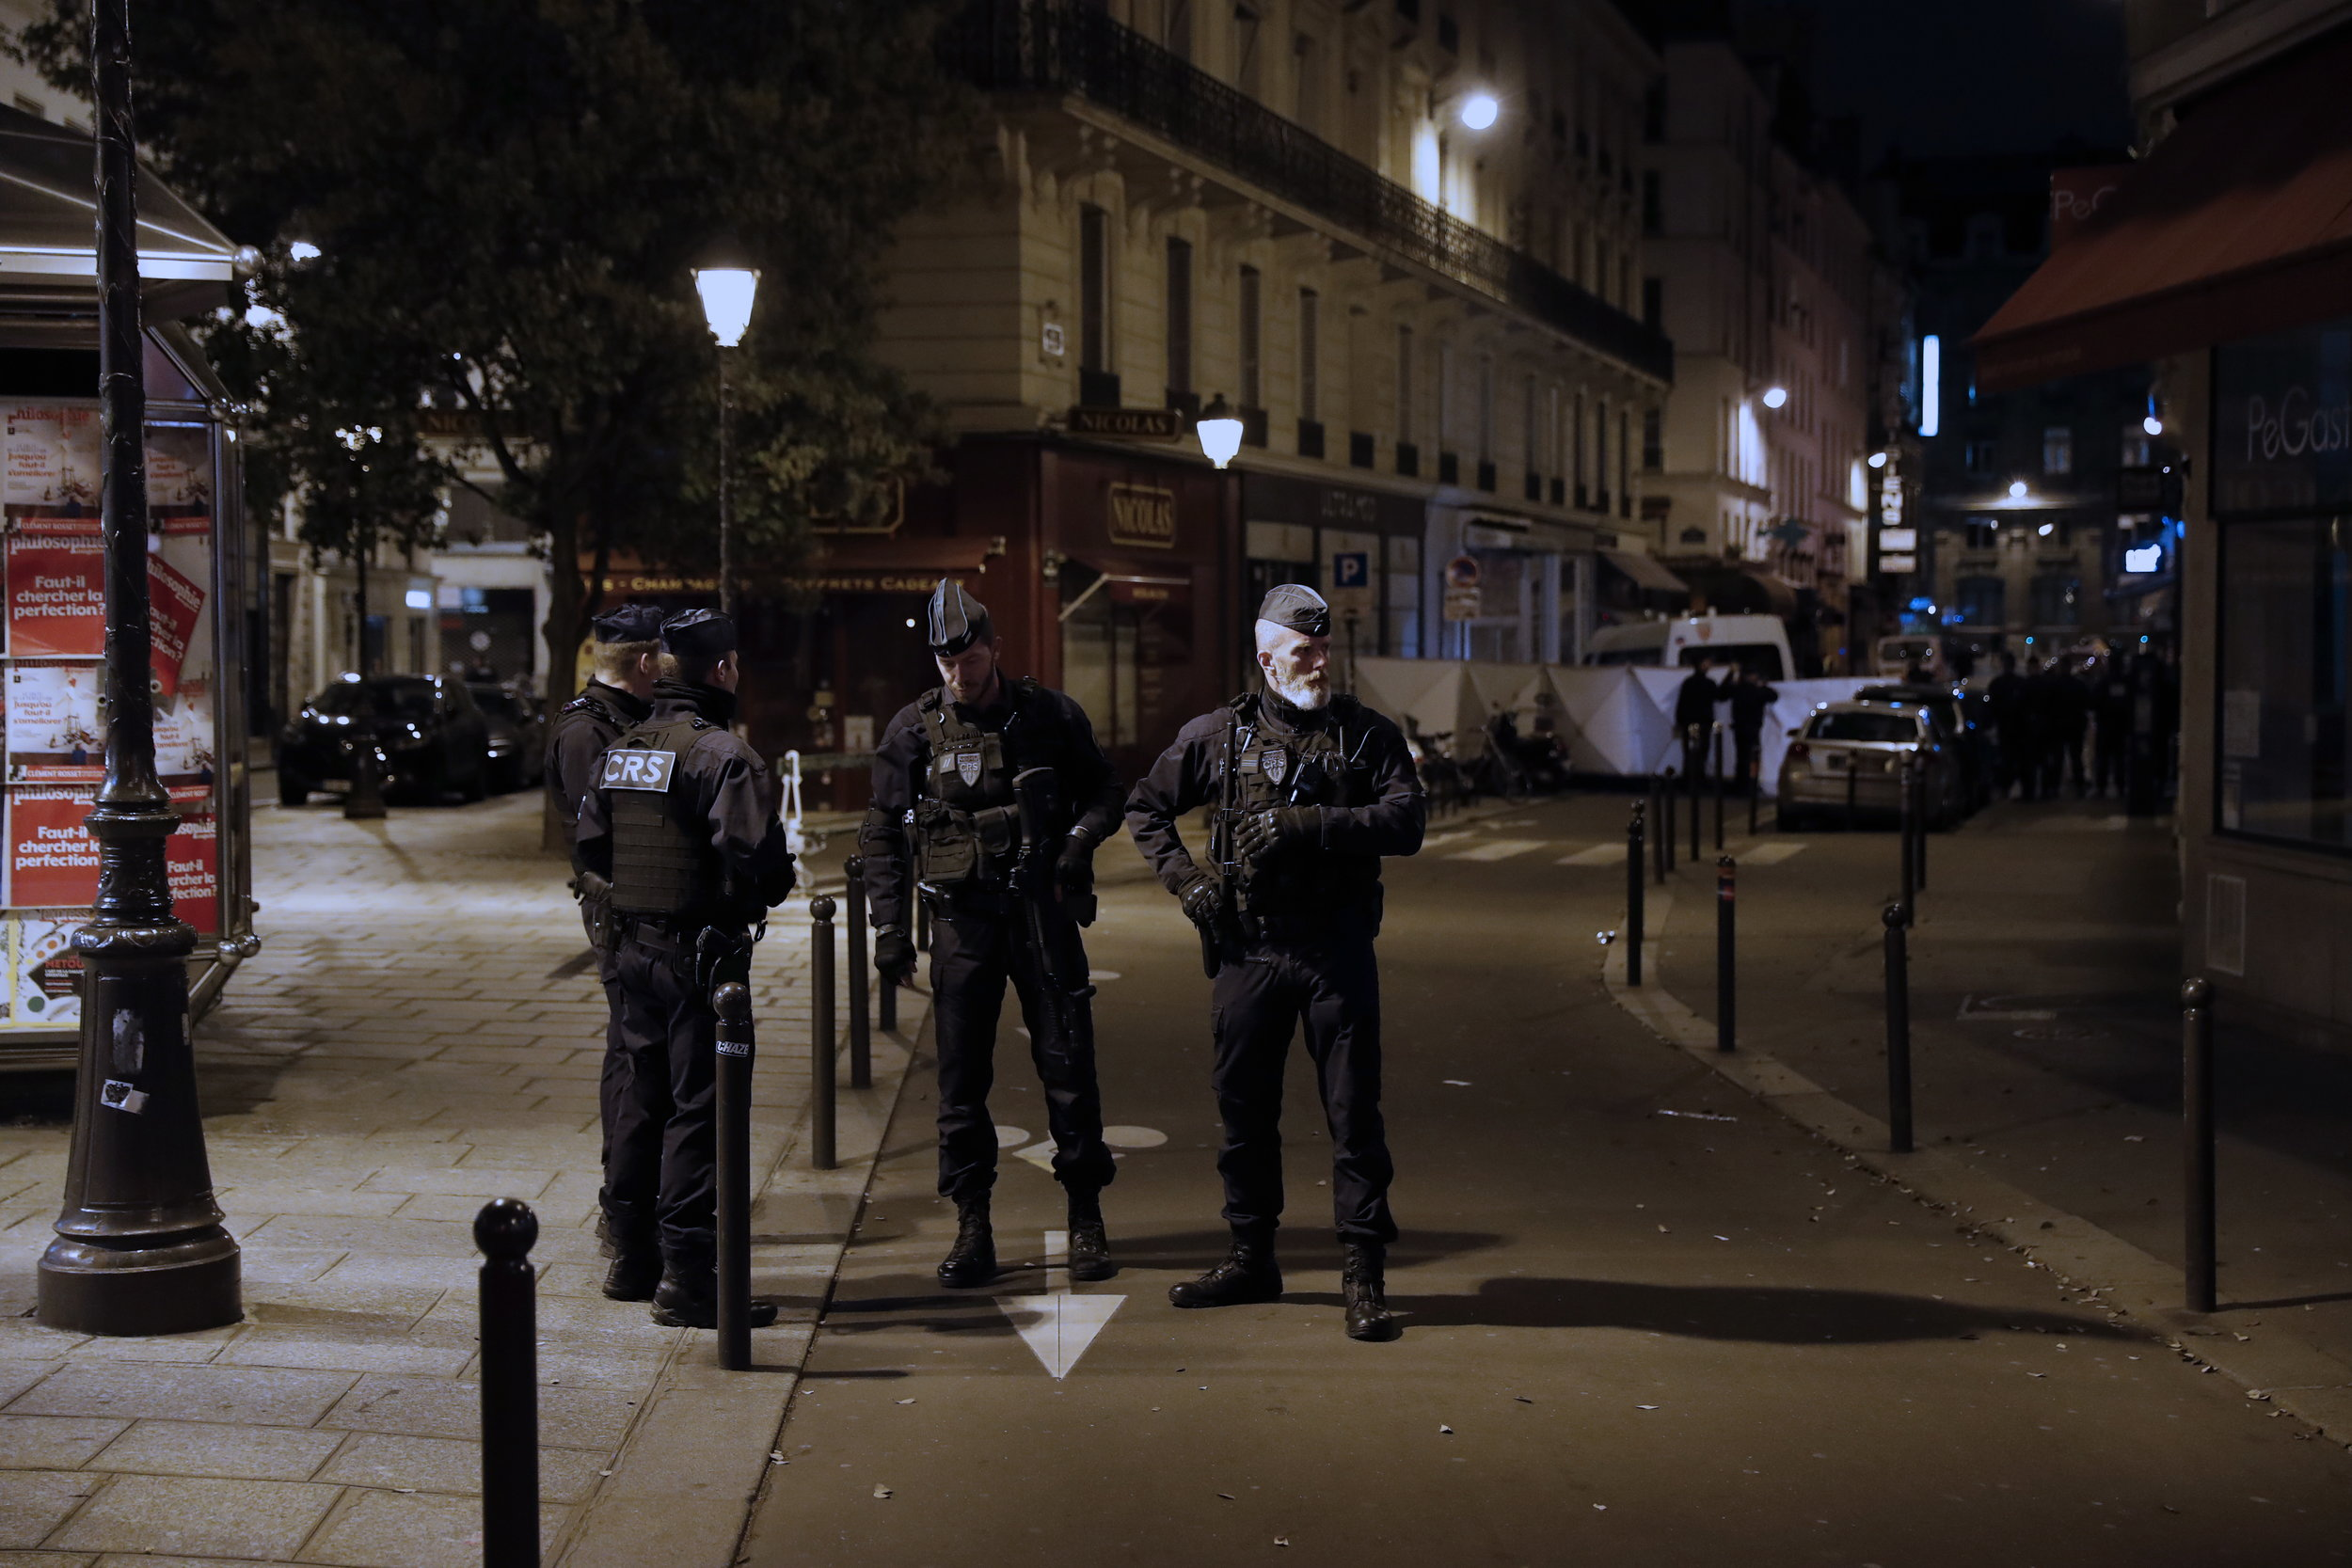 Francuska spriječila novi napad, uhićena dva brata egipatskog porijekla